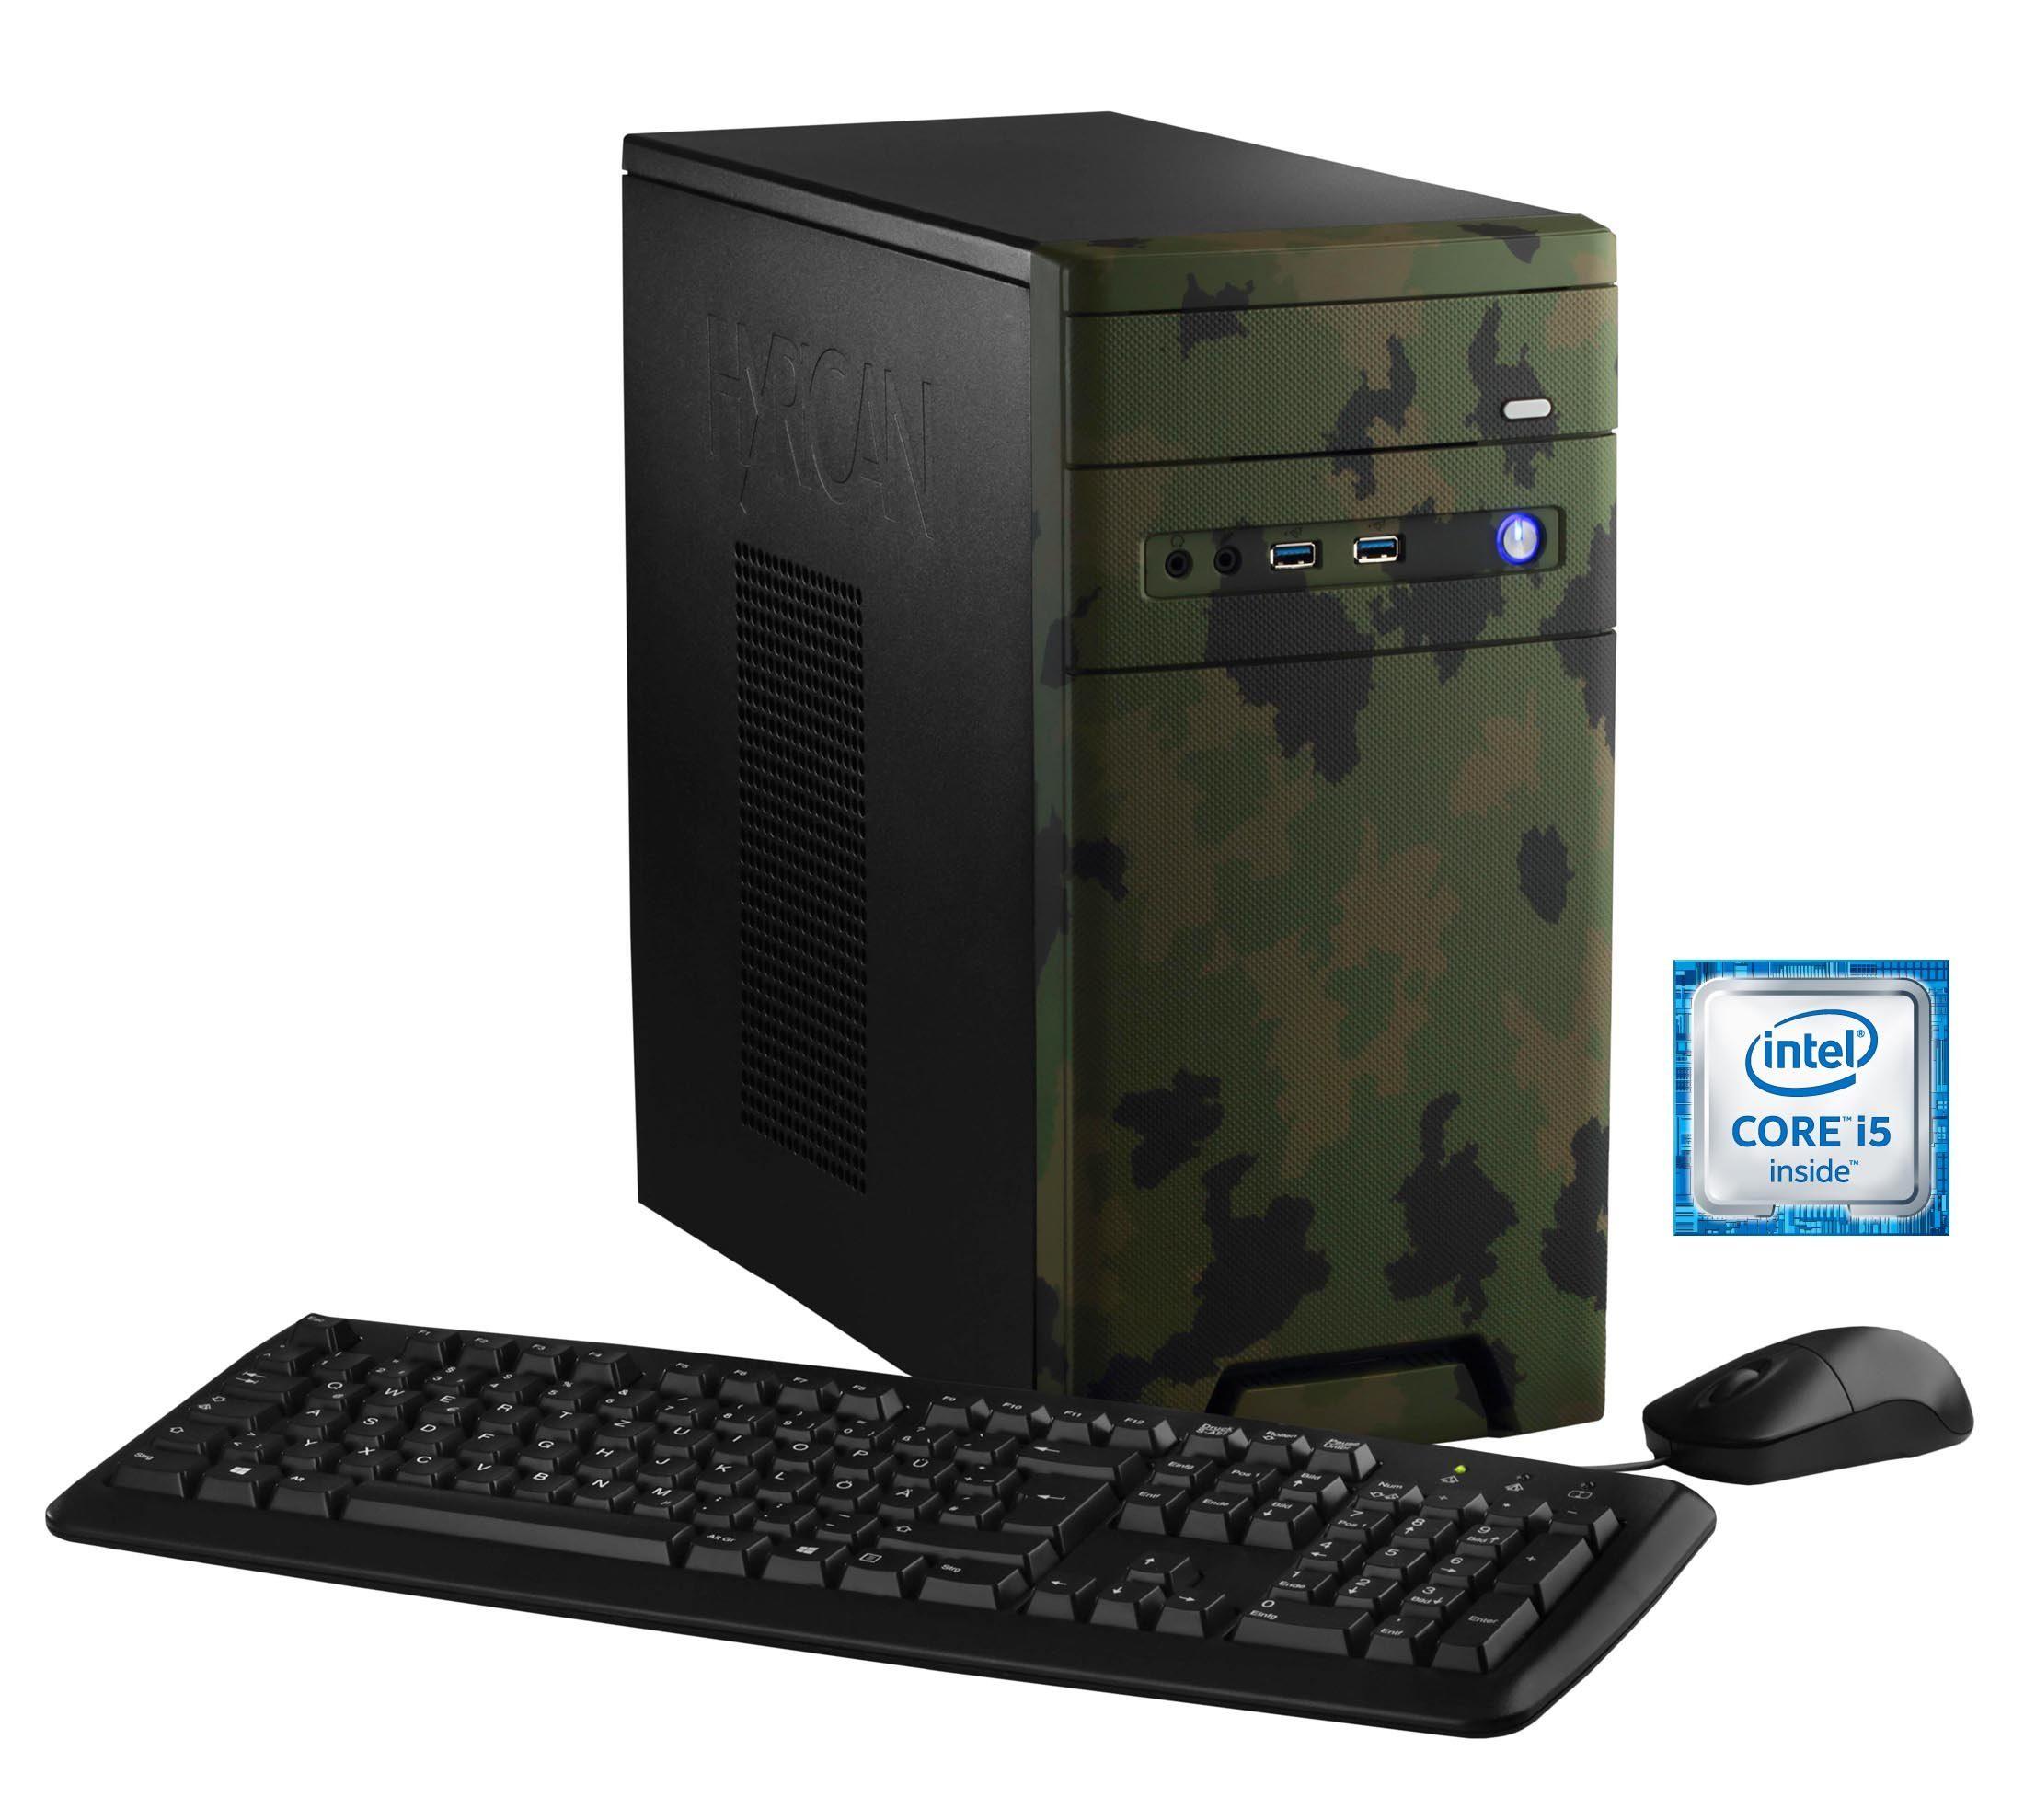 Hyrican Intel®Core™ i5-7400, 8GB, 1TB, GeForce™ GTX 1050 »CyberGamer 5538«